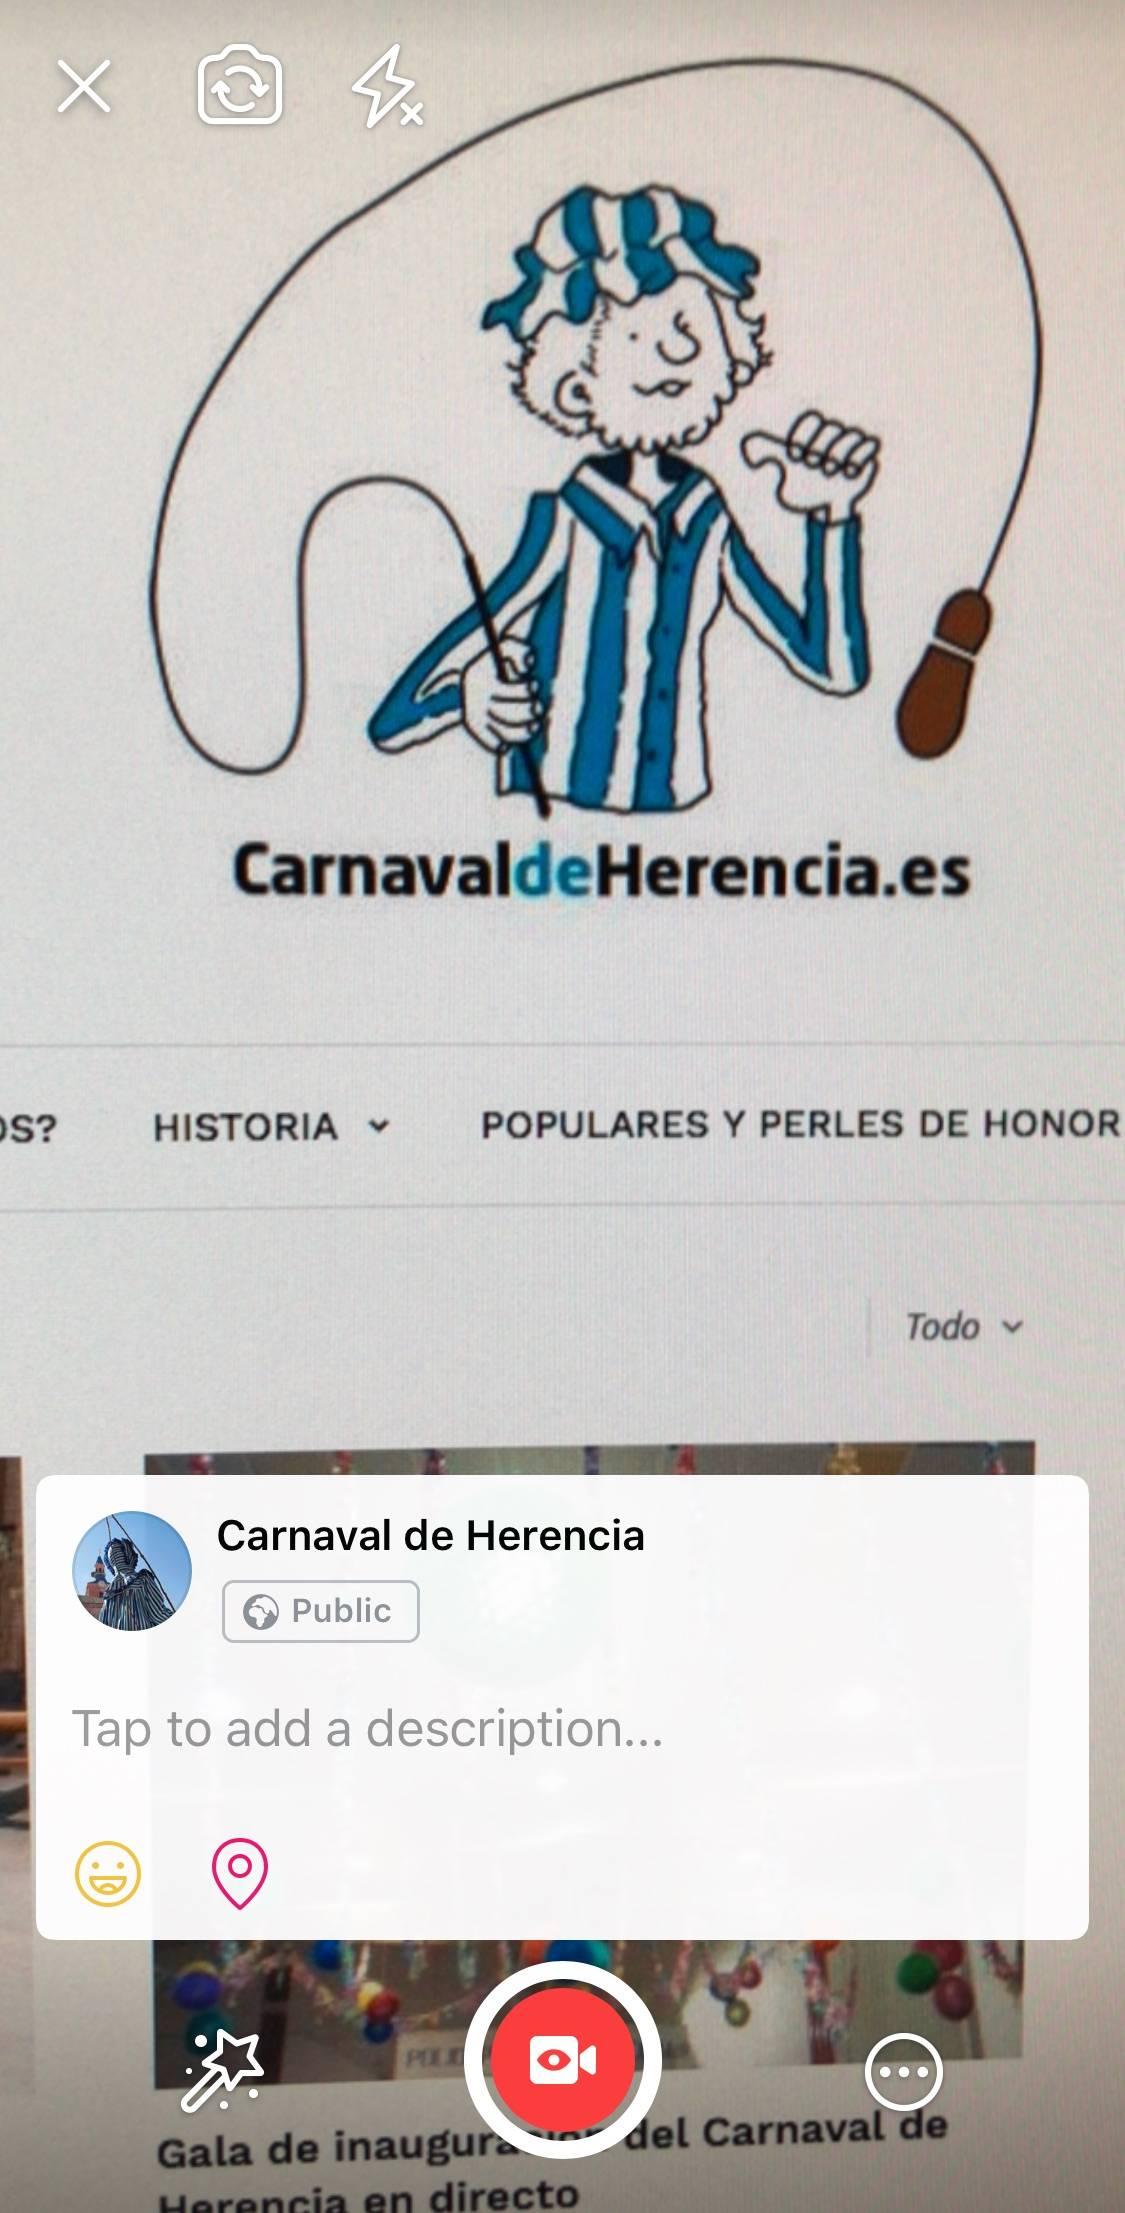 Inauguración del Carnaval de Herencia 2018 en directo 6